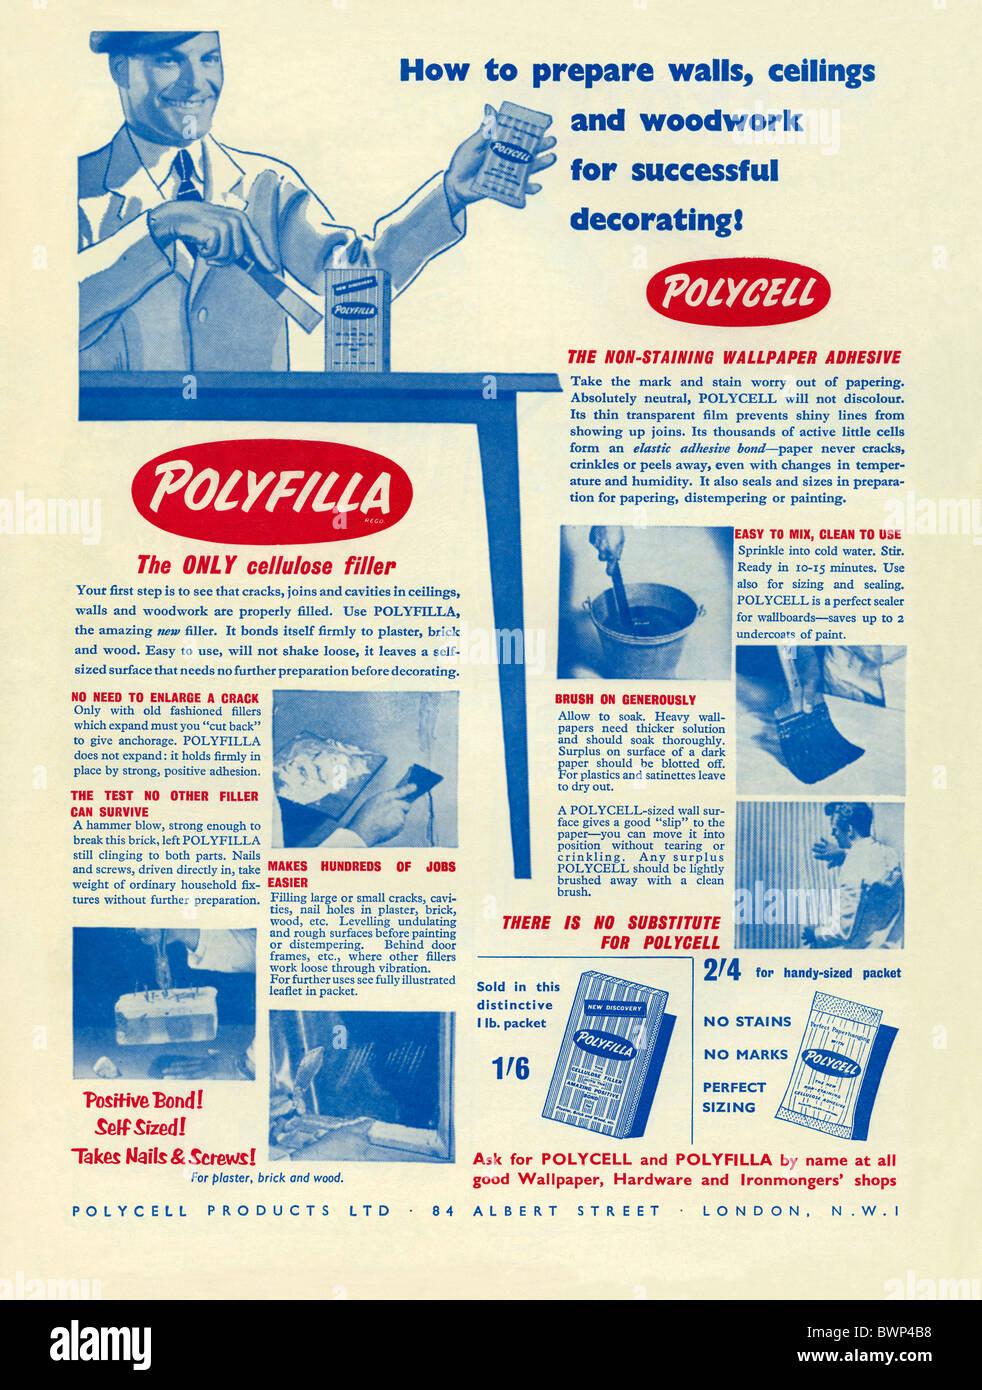 anzeige für pollyfilla füller und polycell hintergrundbilder